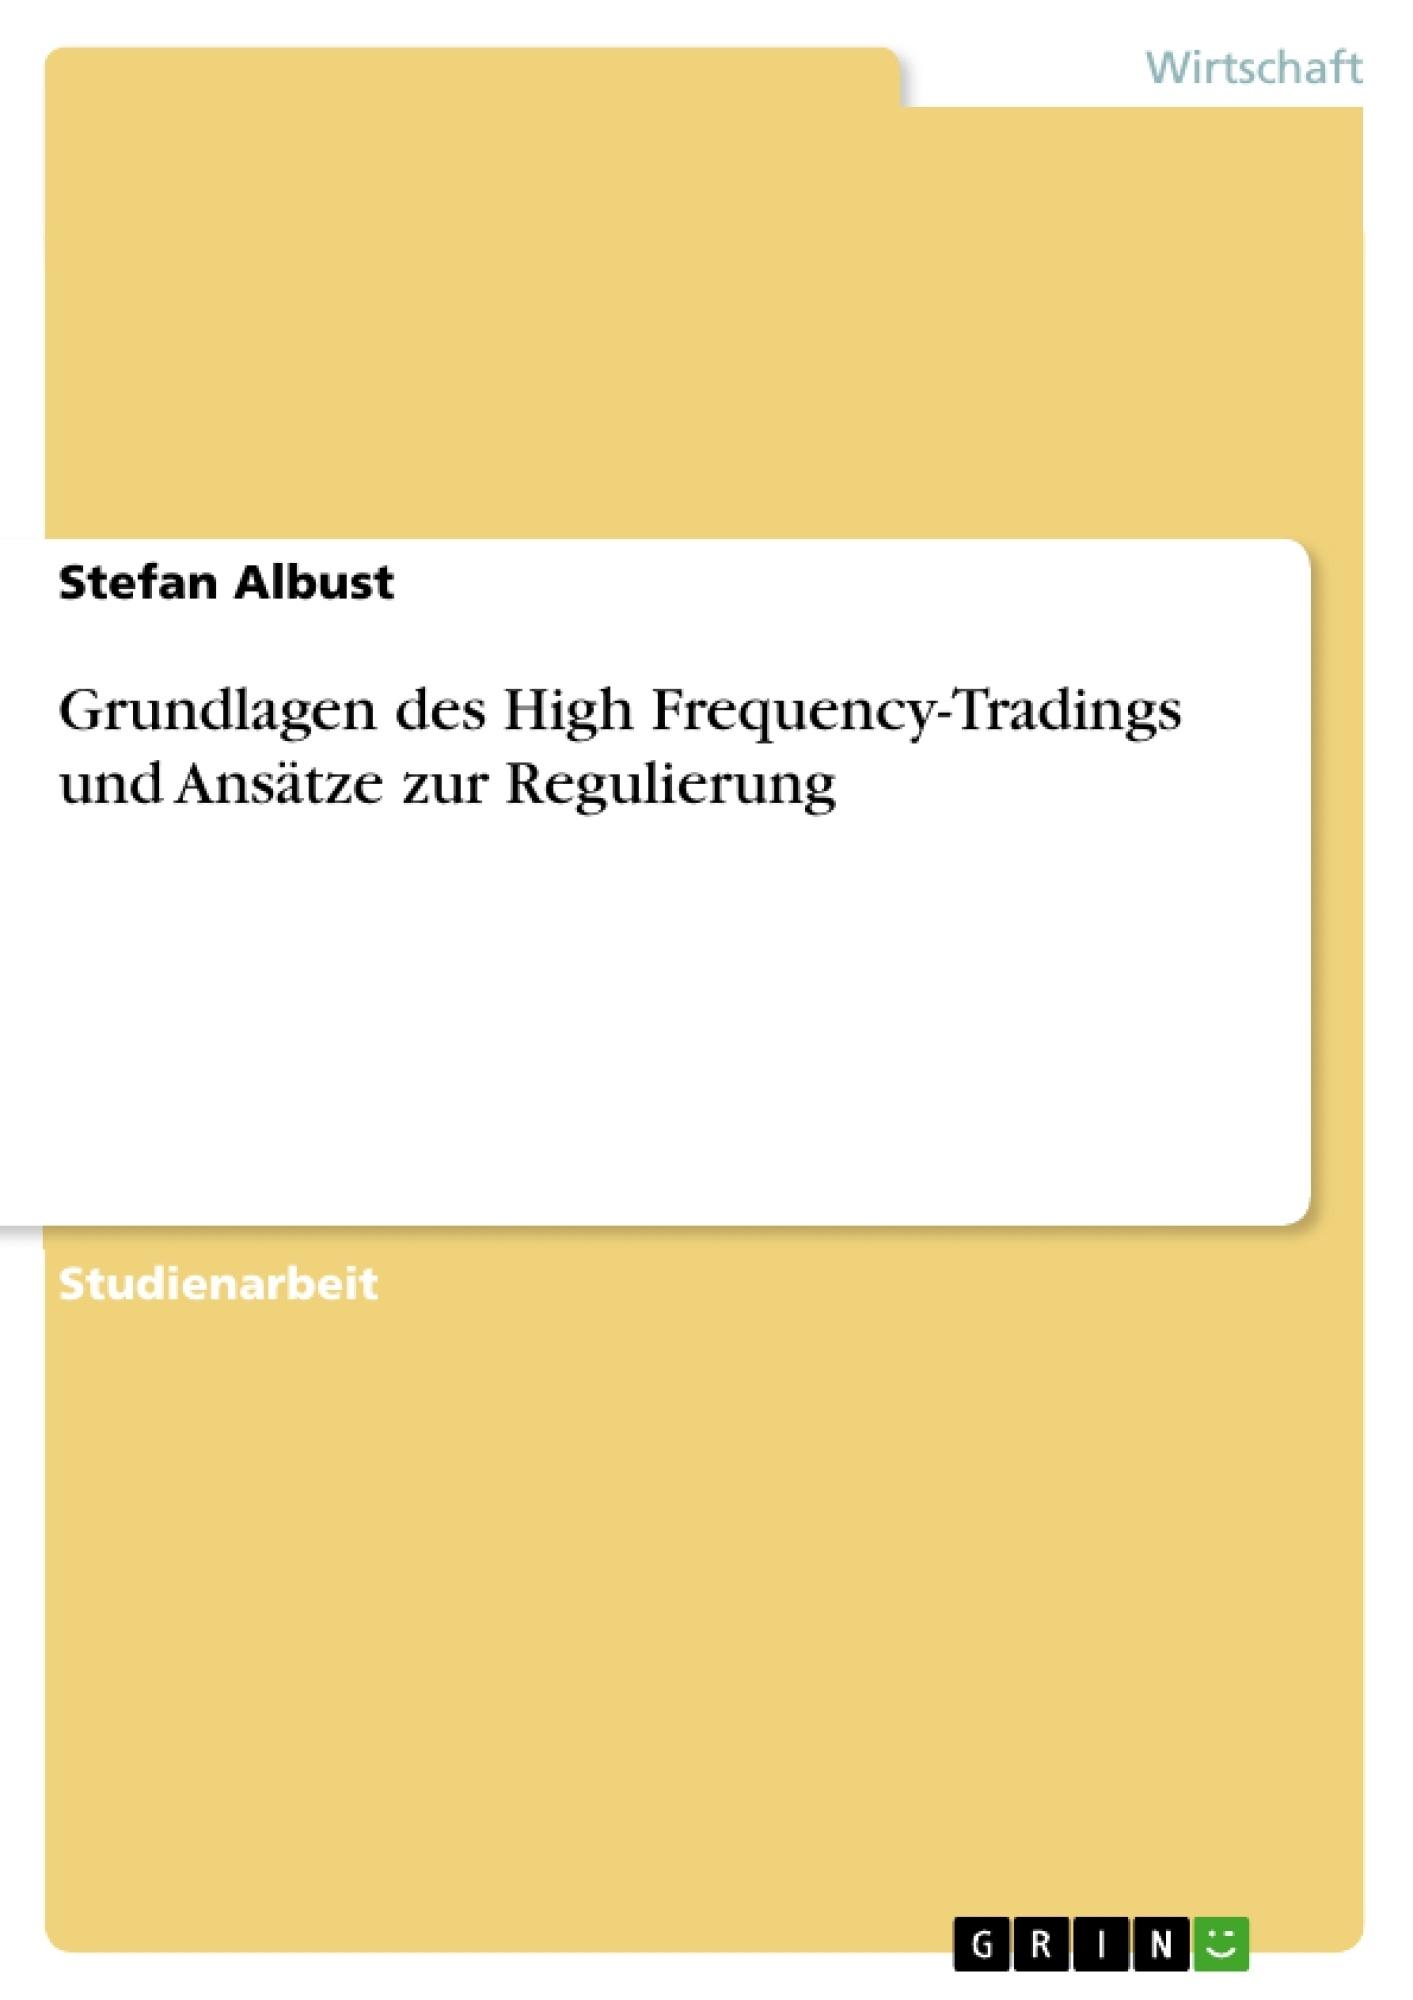 Titel: Grundlagen des High Frequency-Tradings und Ansätze zur Regulierung